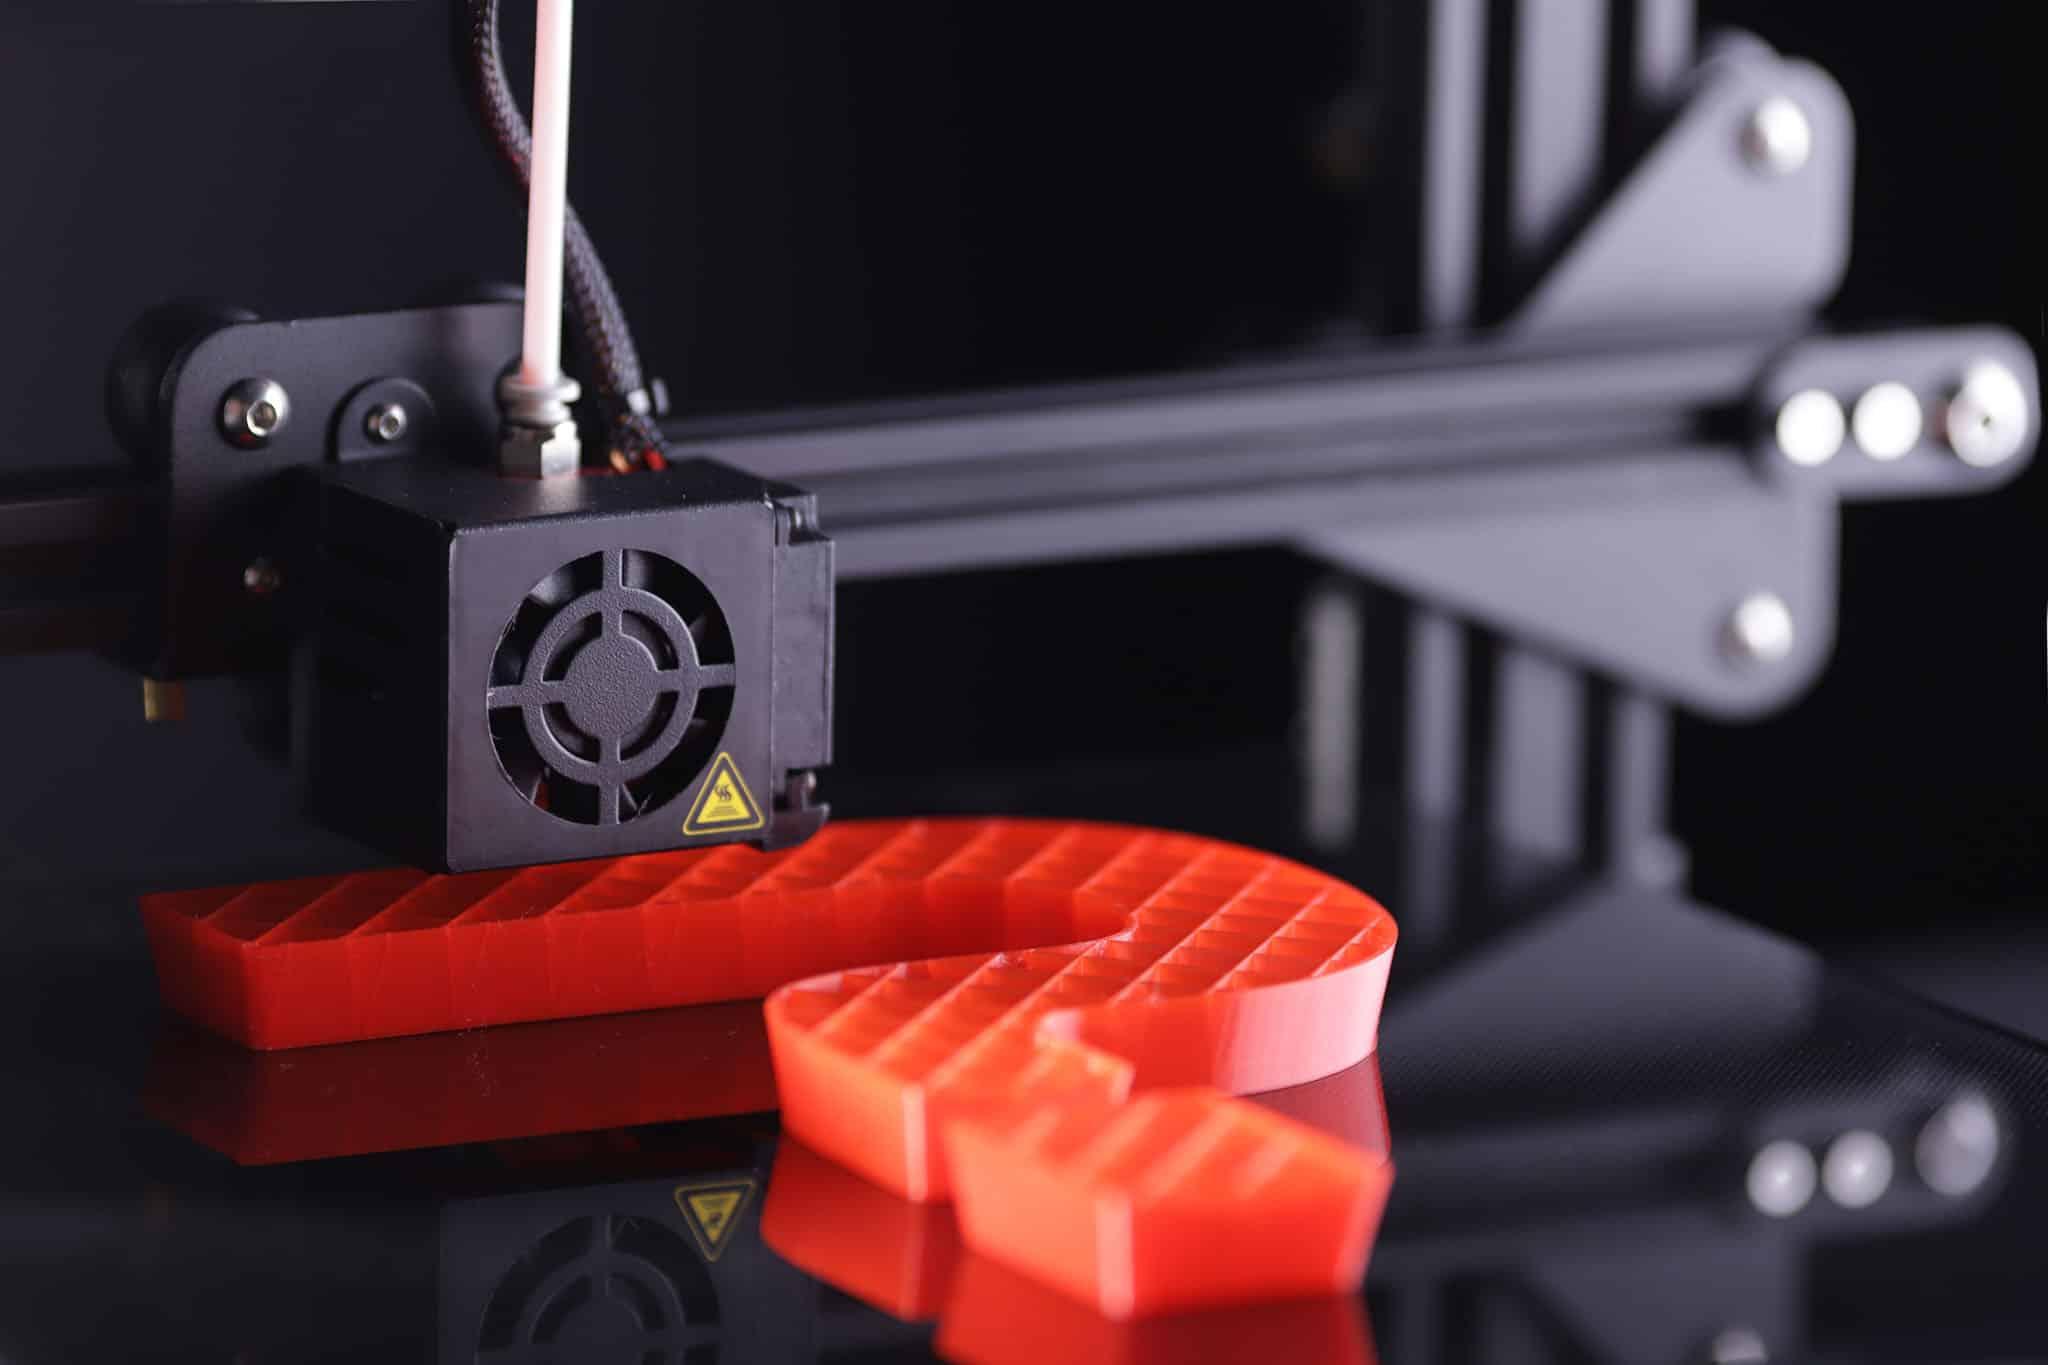 3D Drucker unbeaufsichtigt lassen: Kein Problem oder besser nicht?